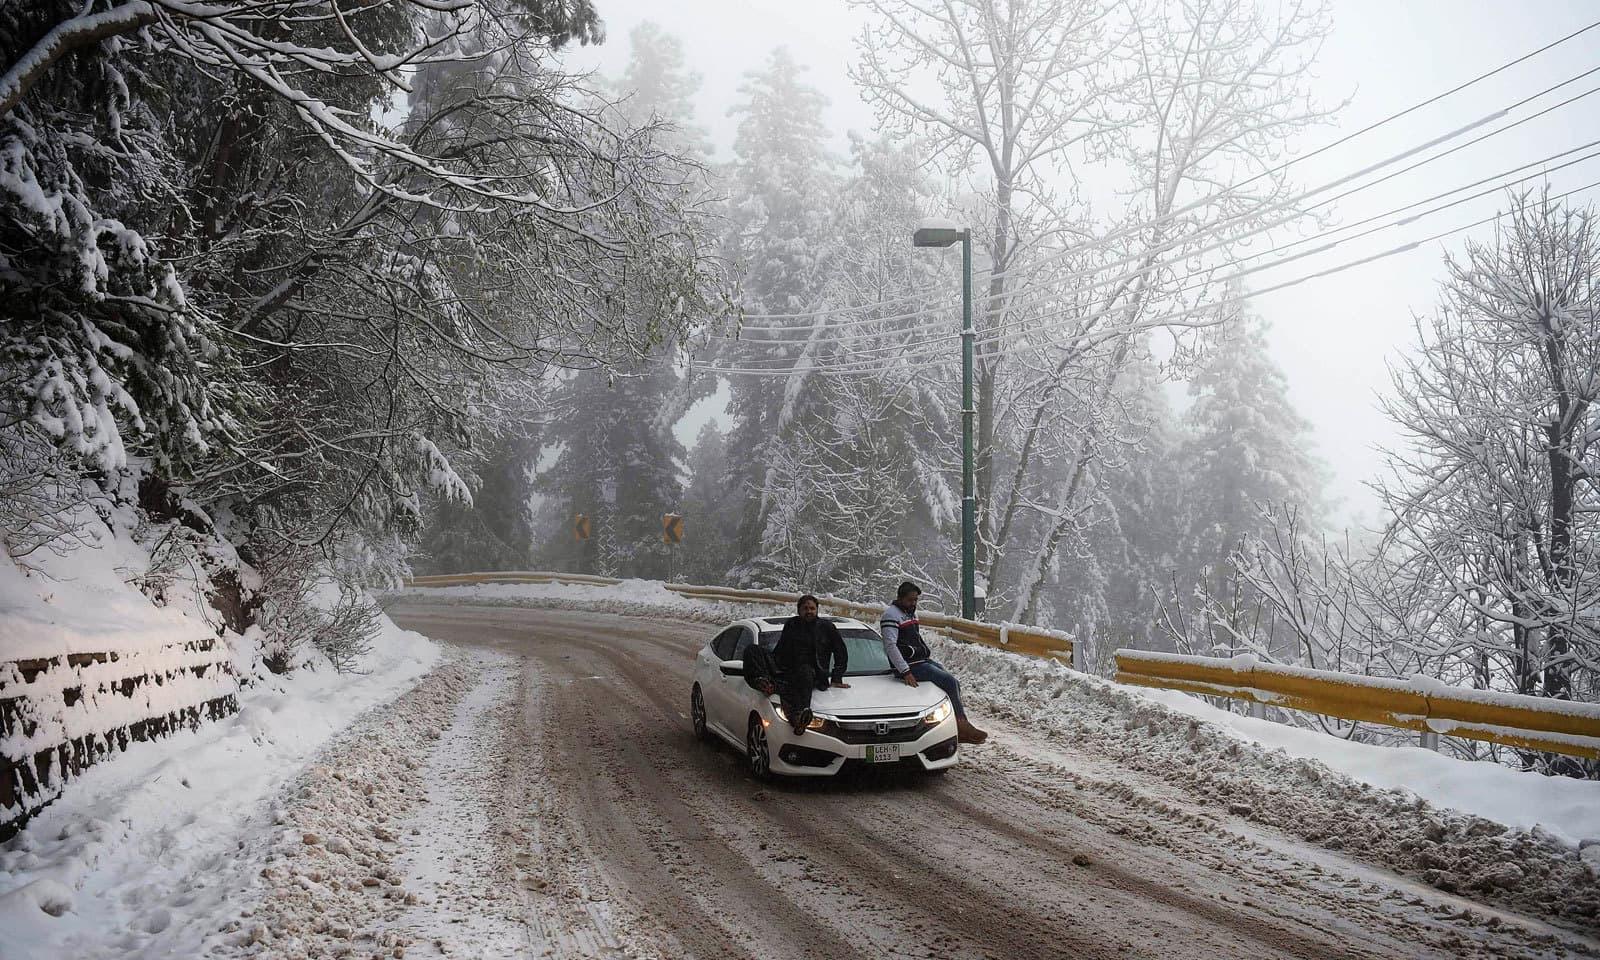 مری میں برف کے گالوں نے پہاڑوں اور درختوں سمیت چار سو چاندی بکھیر دی ہے — فوٹو: اے ایف پی